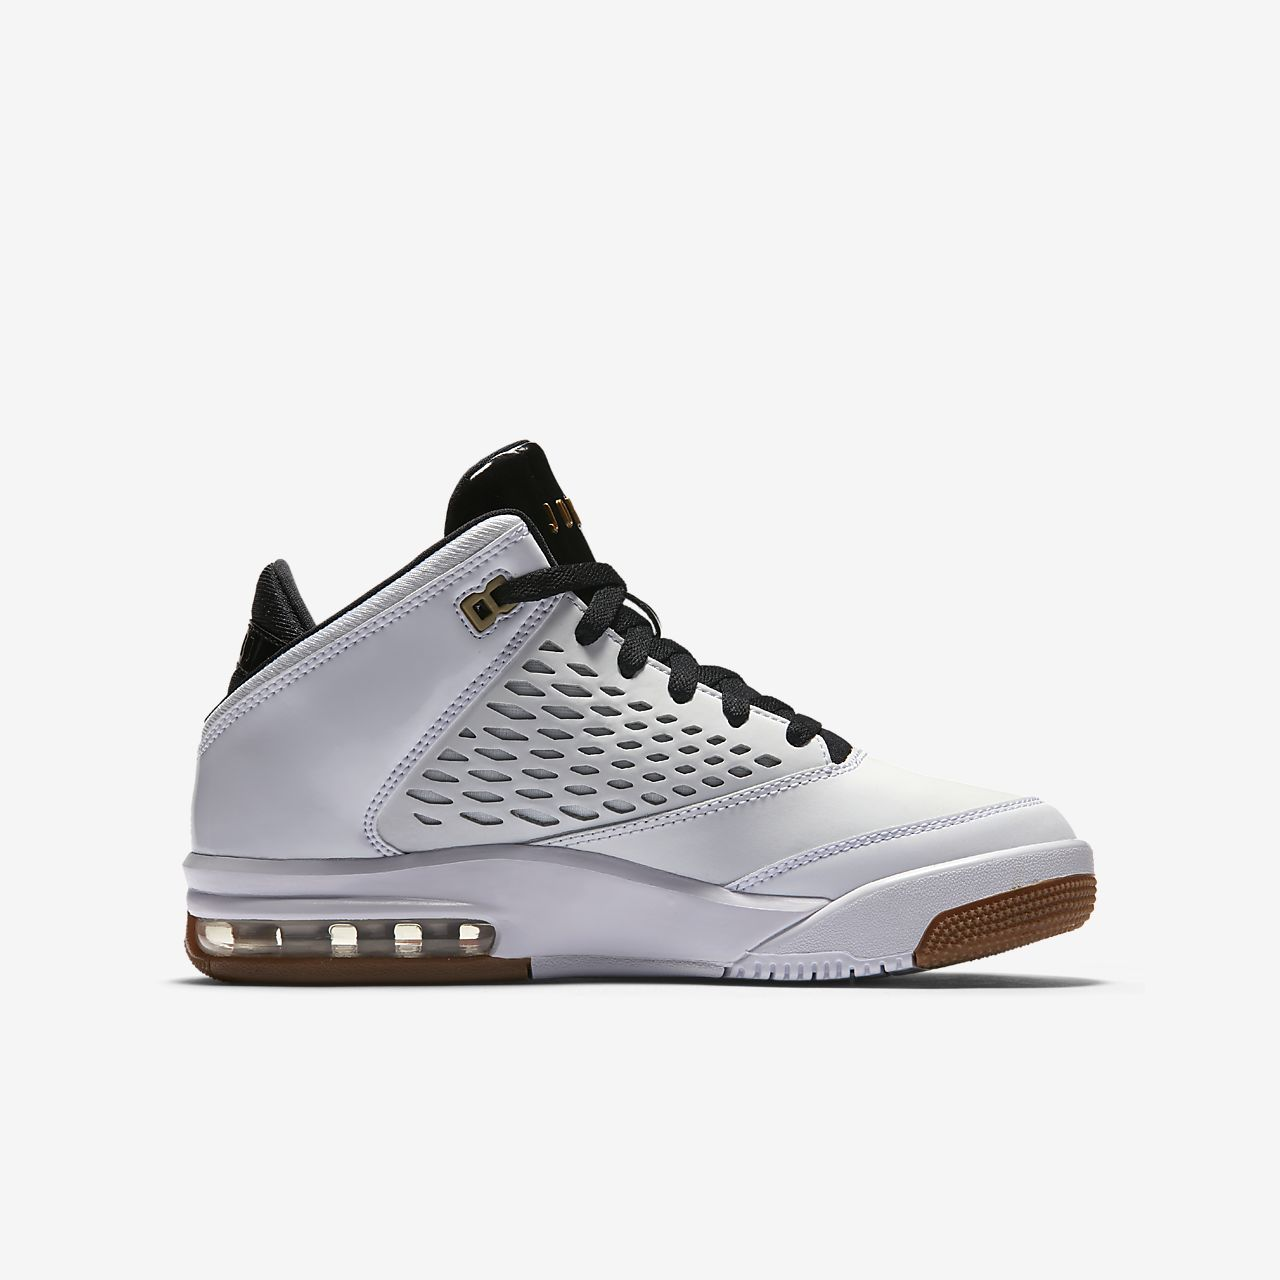 Sast Aclaramiento Nike Jordan Flight Origin - 921200-121 - Scarpa Bimbo (36) El Envío Del Descenso Aclaramiento De 100% Auténtico Precios Venta En Línea Barata mjFJfm8DG